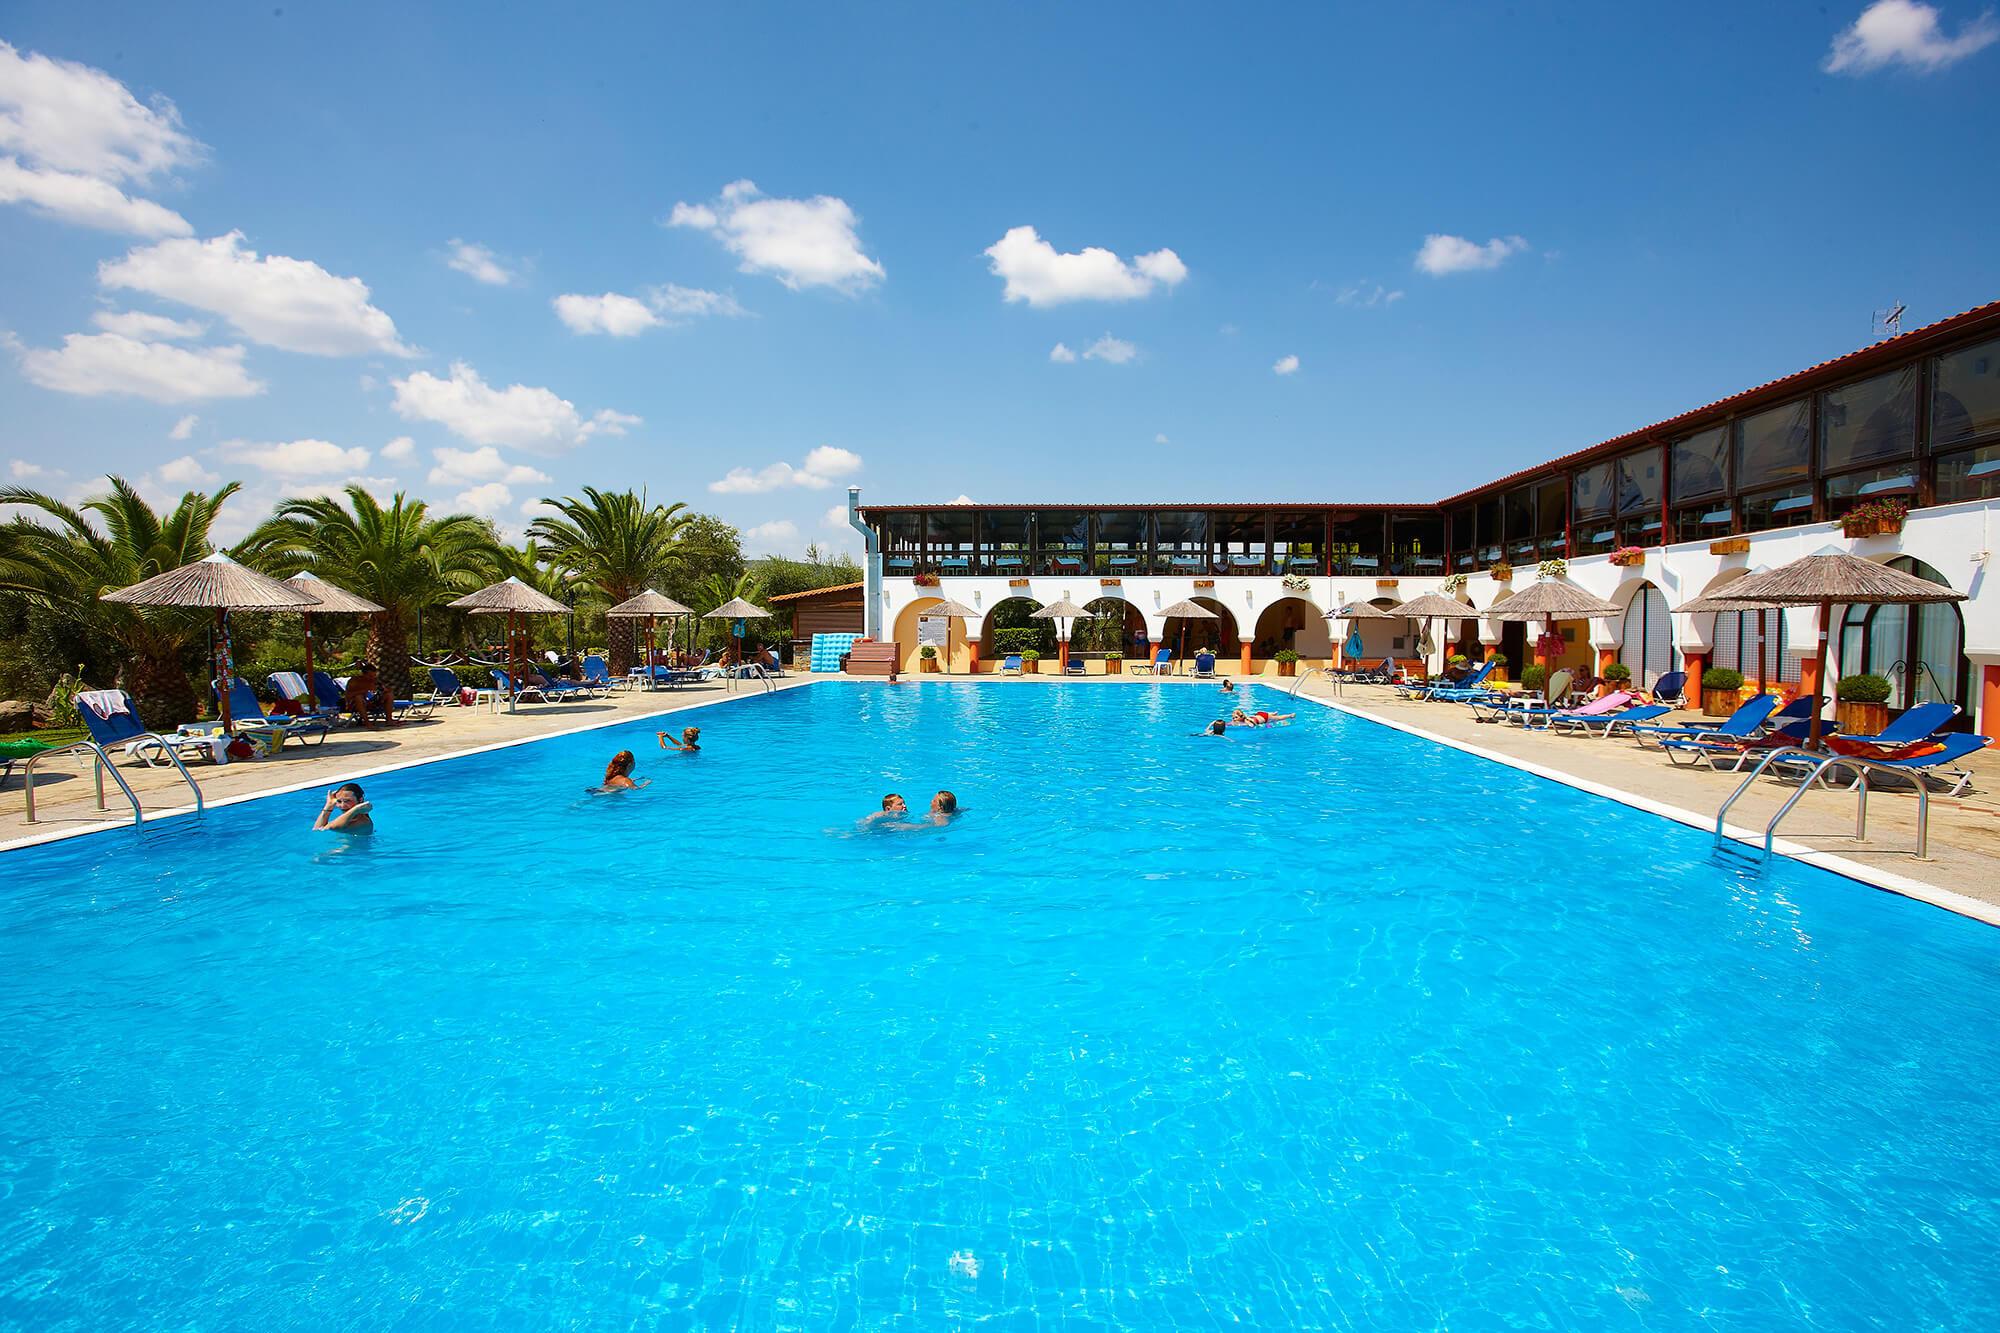 Blue Dolphin Hotel - басейн